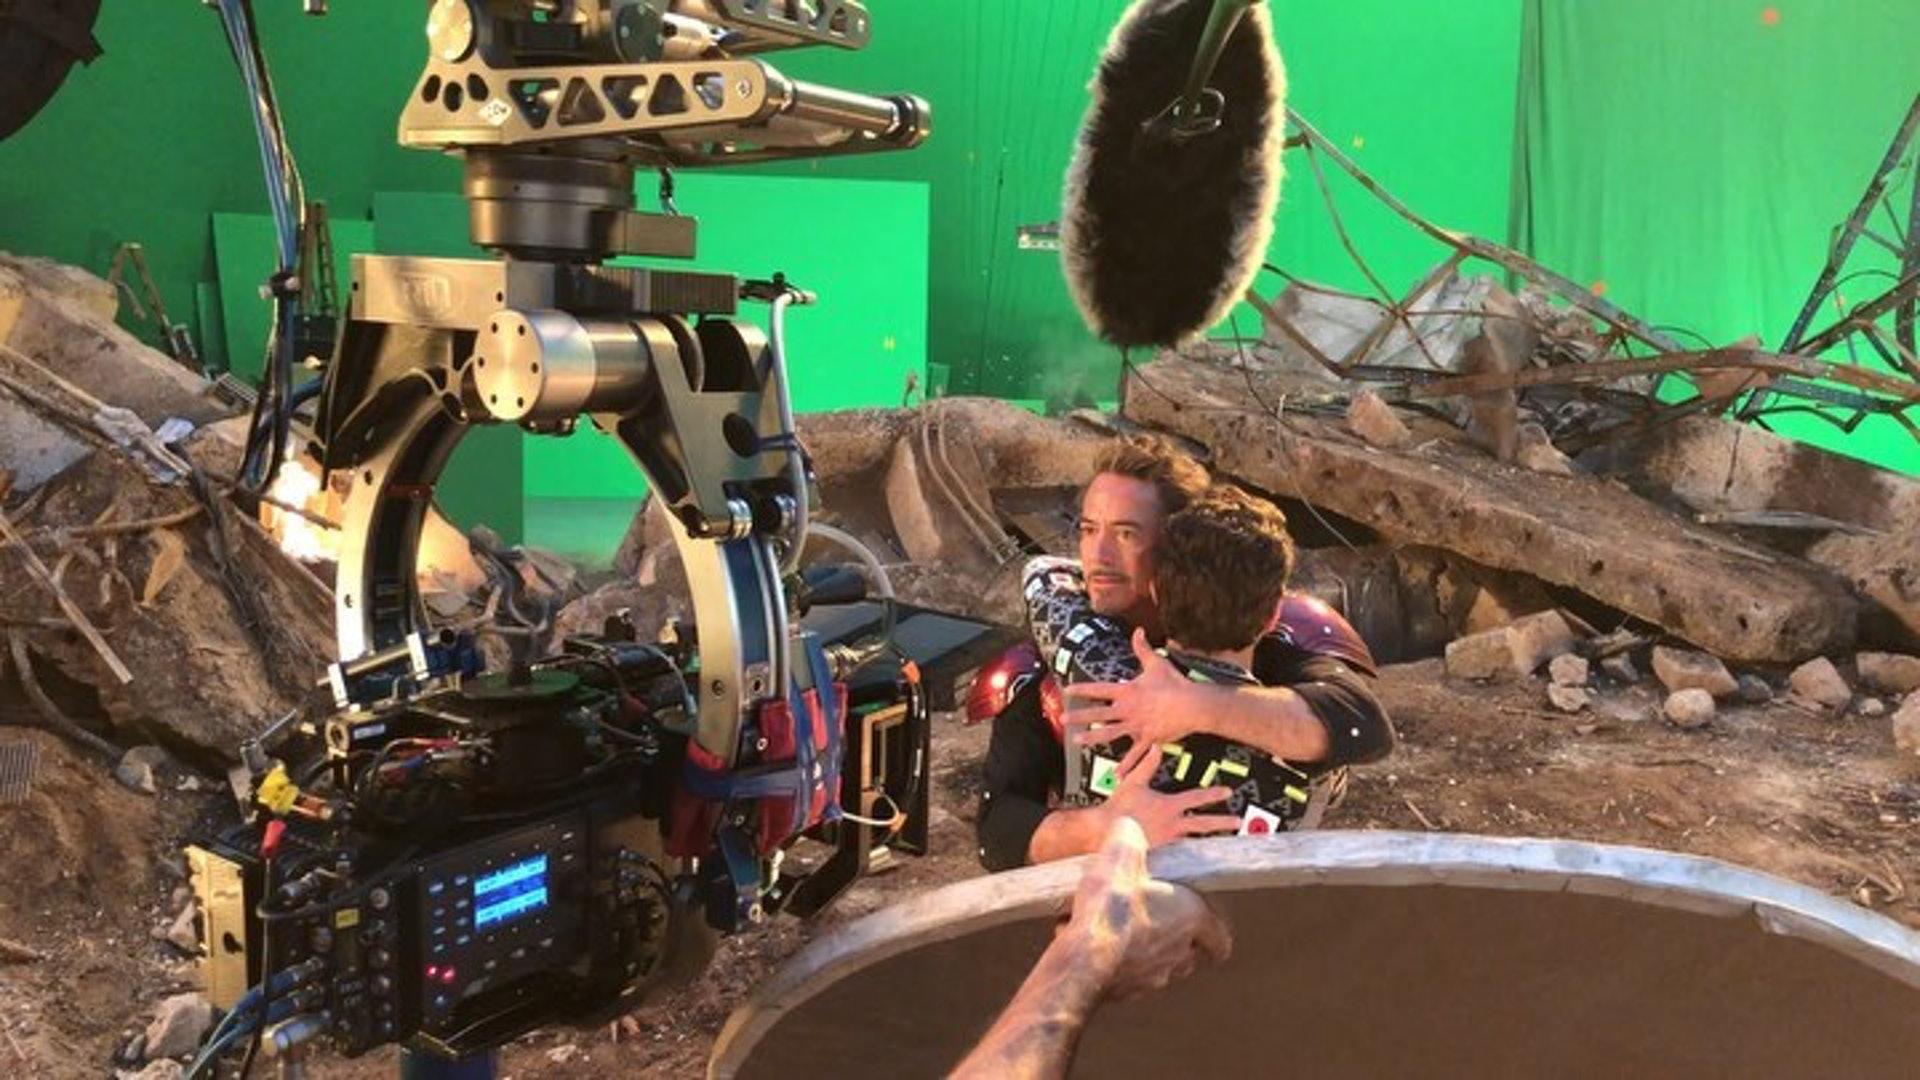 最近羅拔唐尼在網上分享拍攝花絮,原來他在這場戲裡更親了「蜘蛛俠」臉頰一下,非常溫馨。(robertdowneyjr IG 相片)